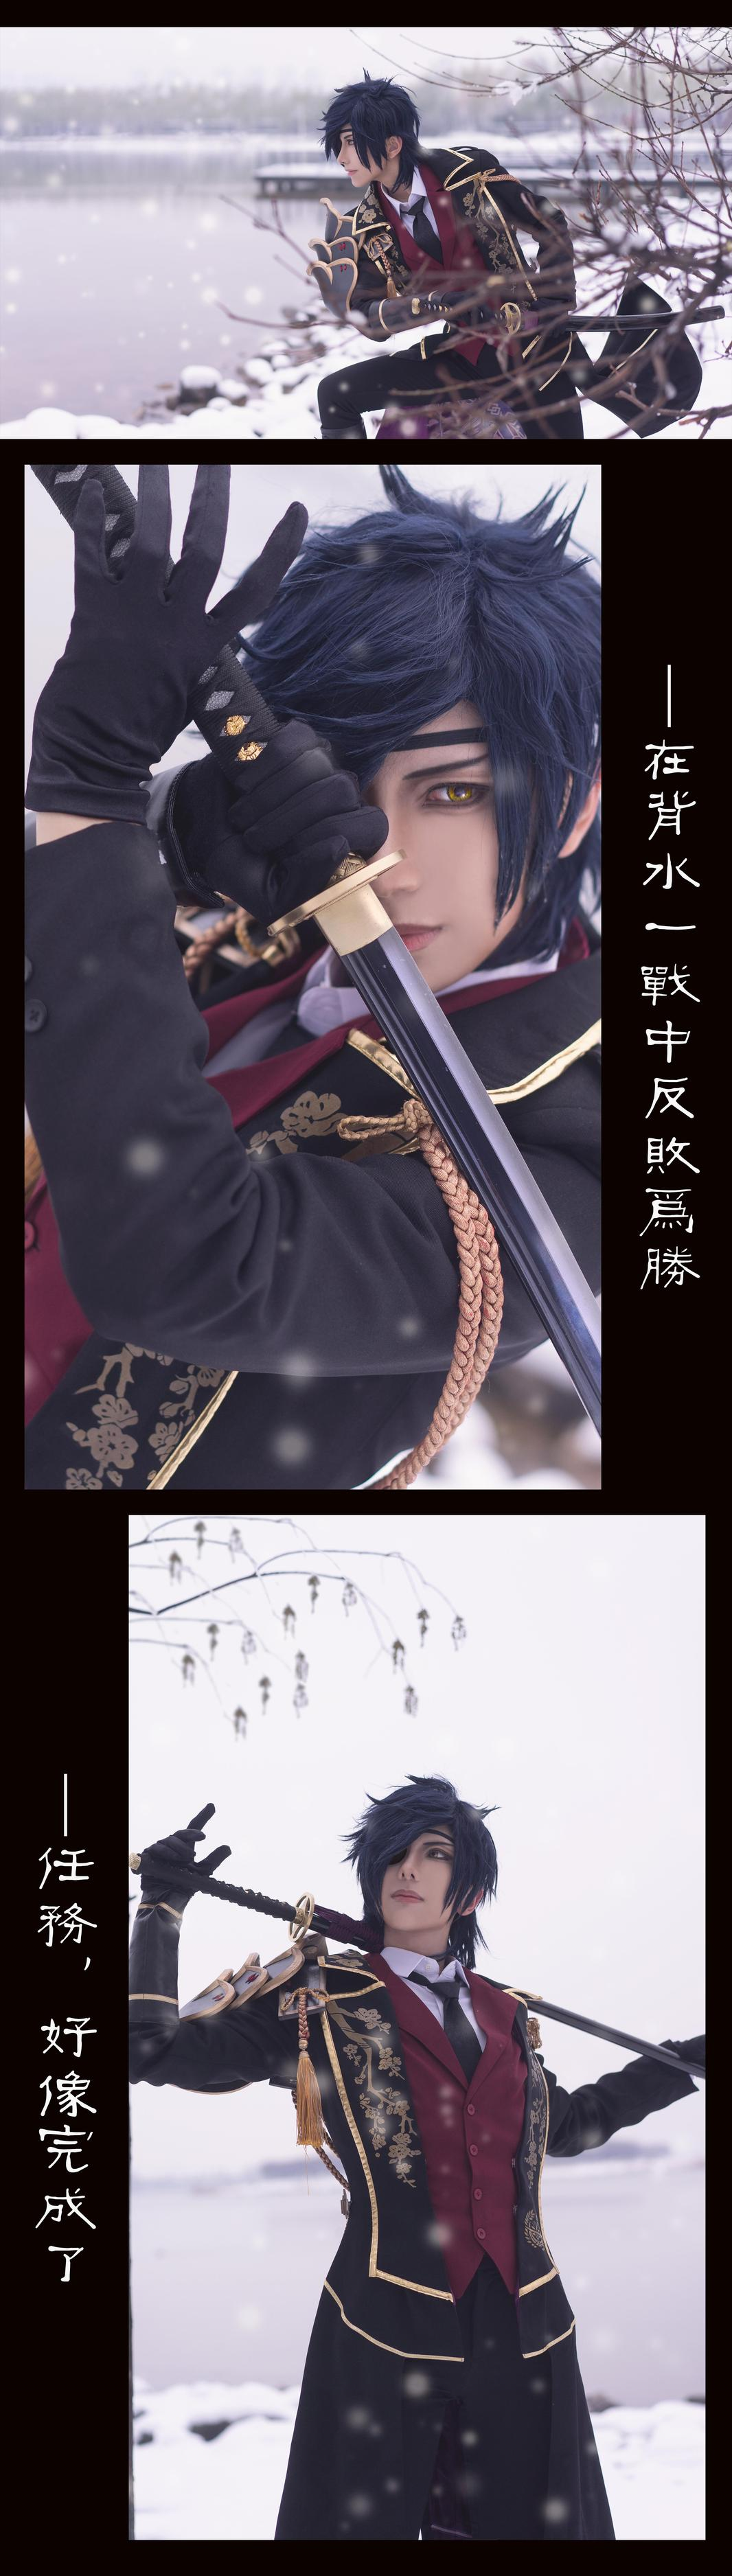 《刀剑乱舞》正片cosplay【CN:coser张国风】 -cosplay男价格及图片表插图